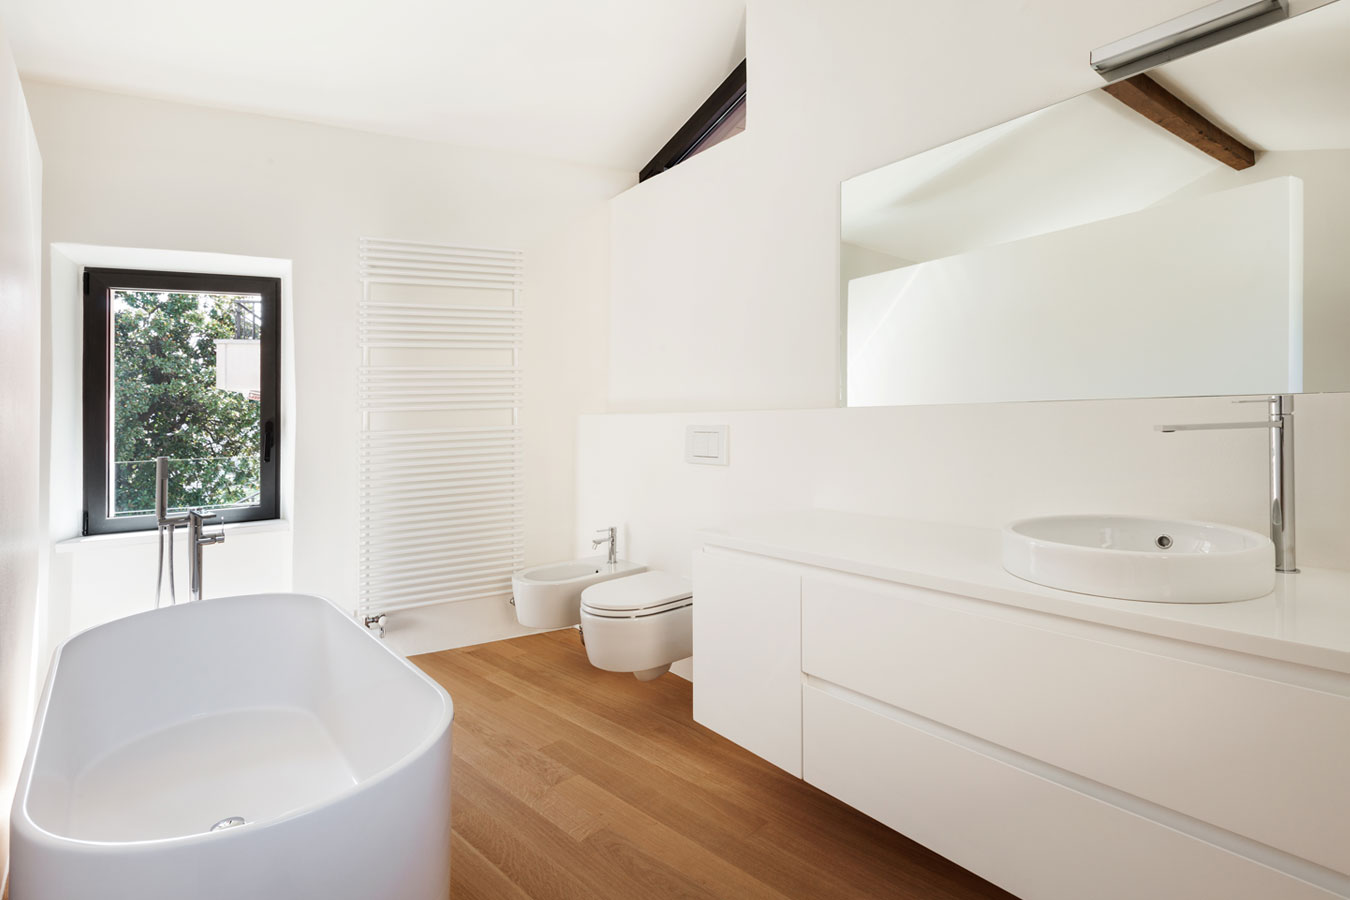 Badkamer inrichten inspiratie foto 39 s originele idee n - Kleur idee ruimte zen bad ...